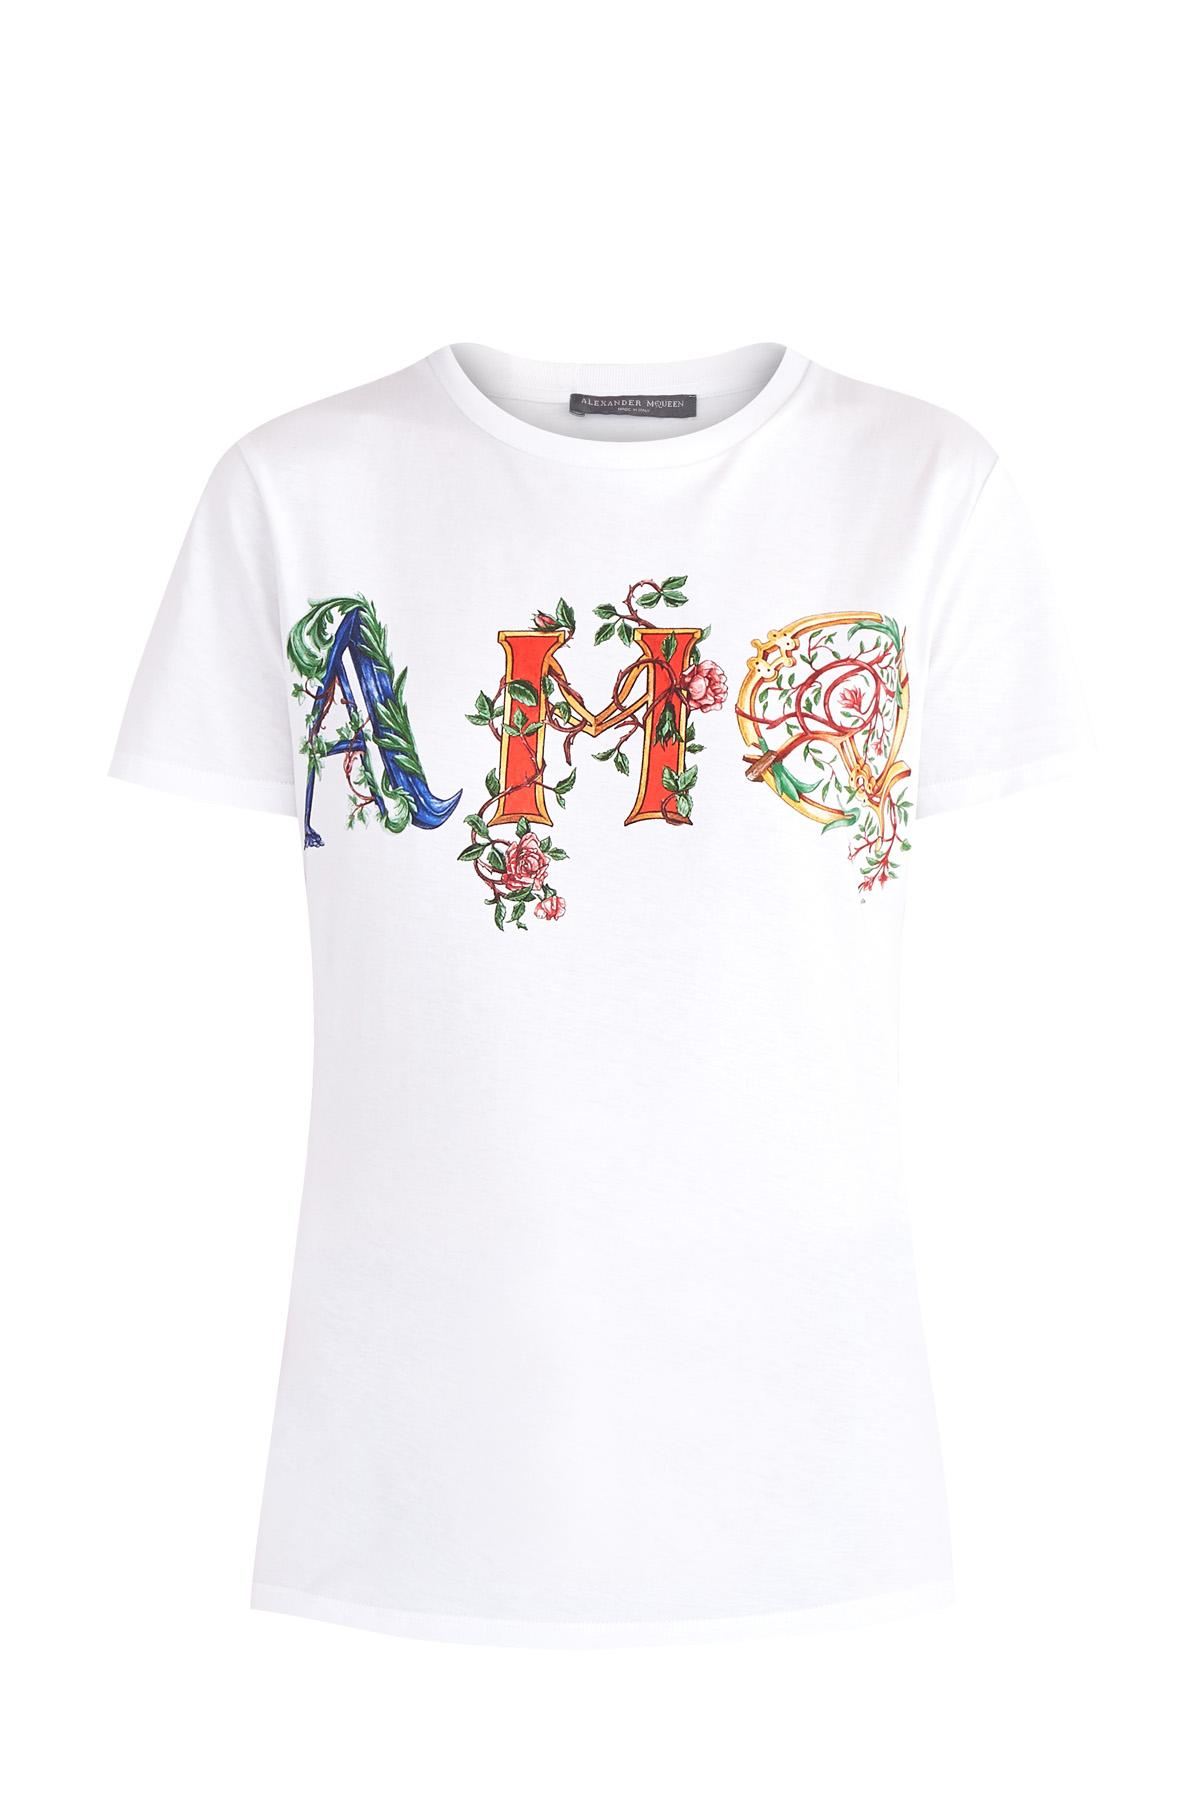 Купить Базовая футболка из хлопка с принтом AMQ в фирменном стиле, ALEXANDER MCQUEEN, Италия, хлопок 100%